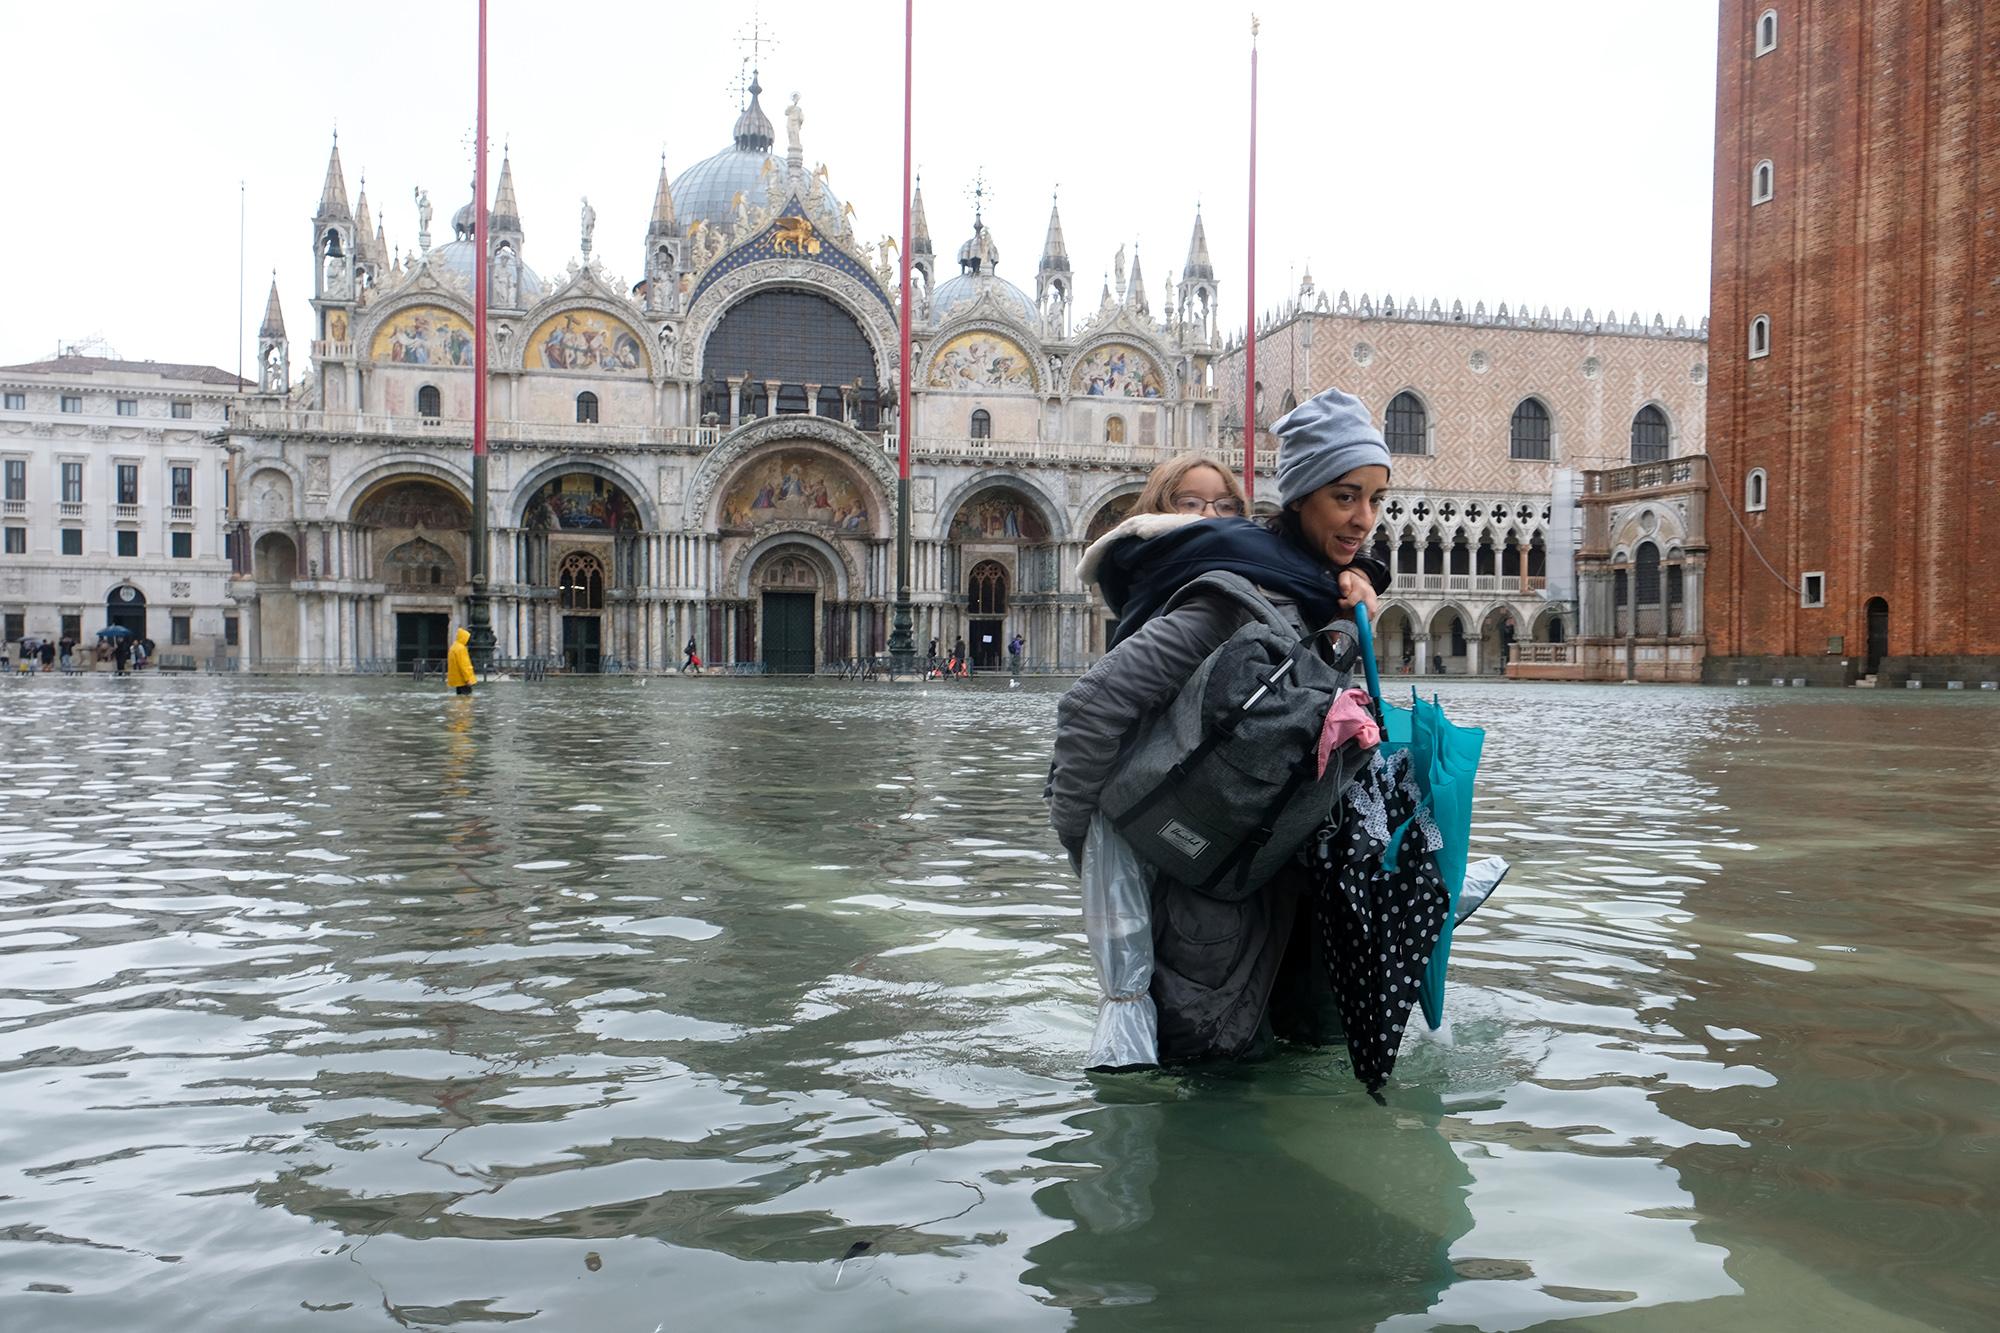 Женщина сребенком пытаются пройти череззатопленную площадь Святого Марка